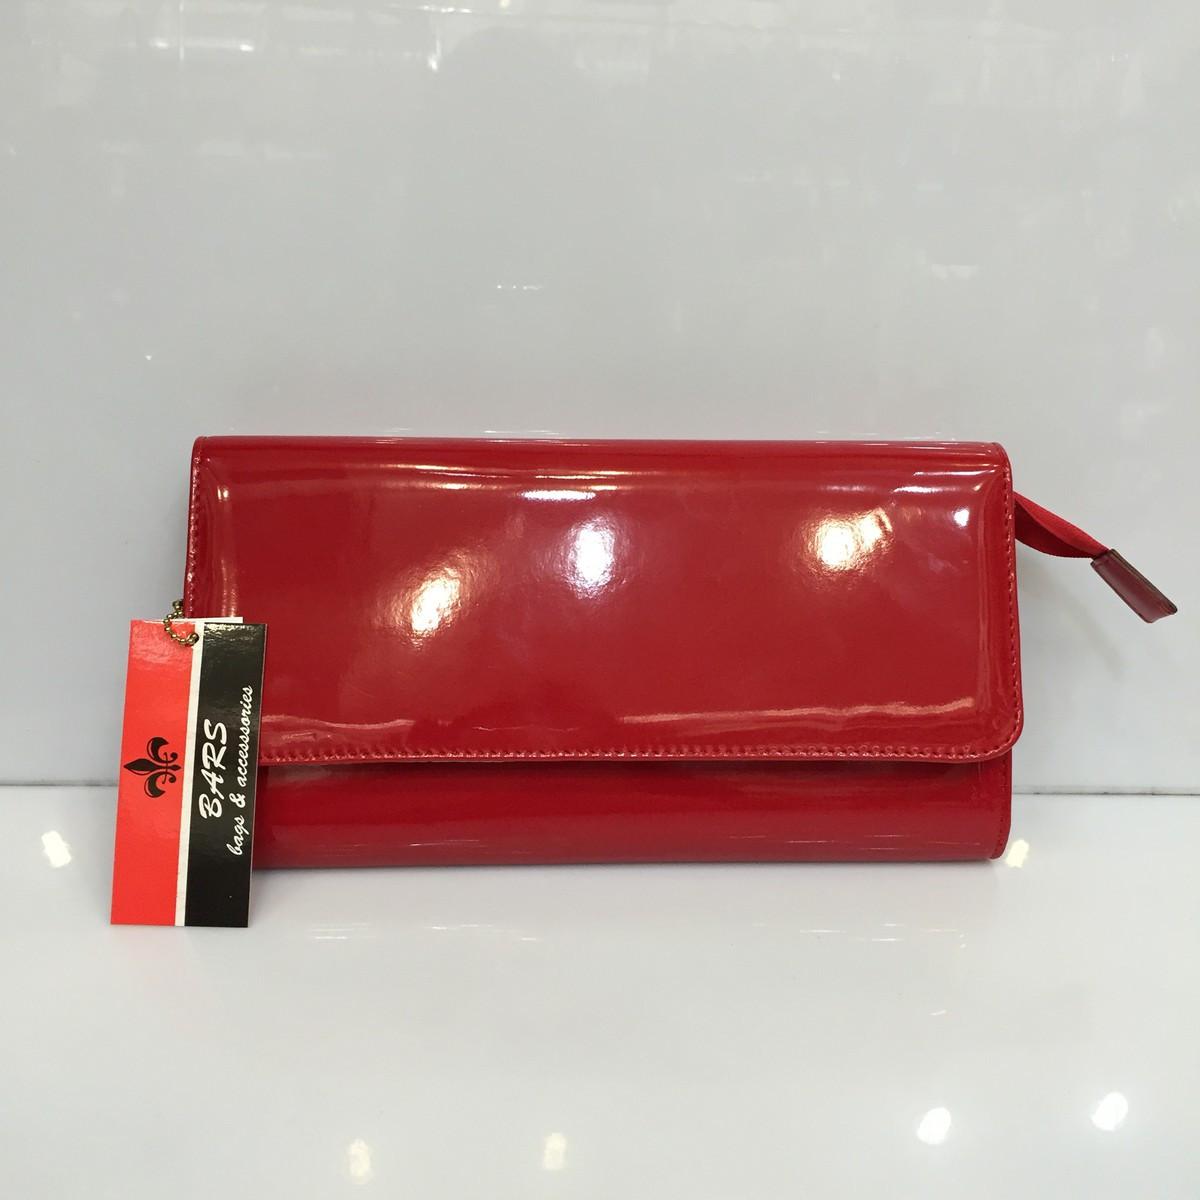 c034bd6634a6 Женская сумка клатч Bars Барс 1069 красный лаковый классический -  Shoppingood в Харькове